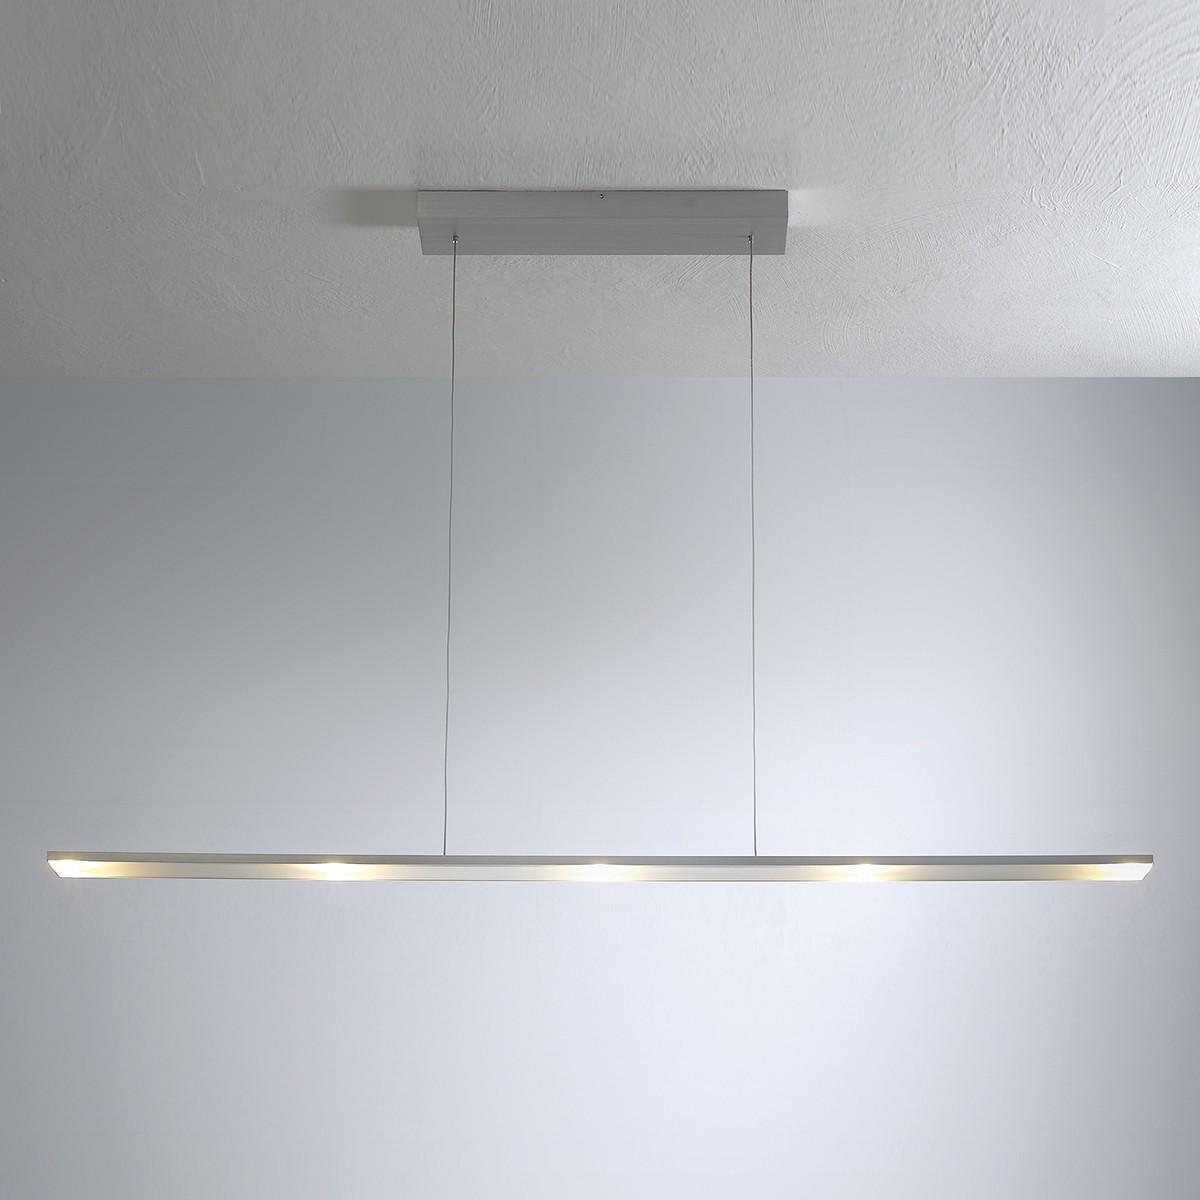 Bopp LEDs Go Pendelleuchte 5-flg., Aluminium geschliffen, extern dimmbar